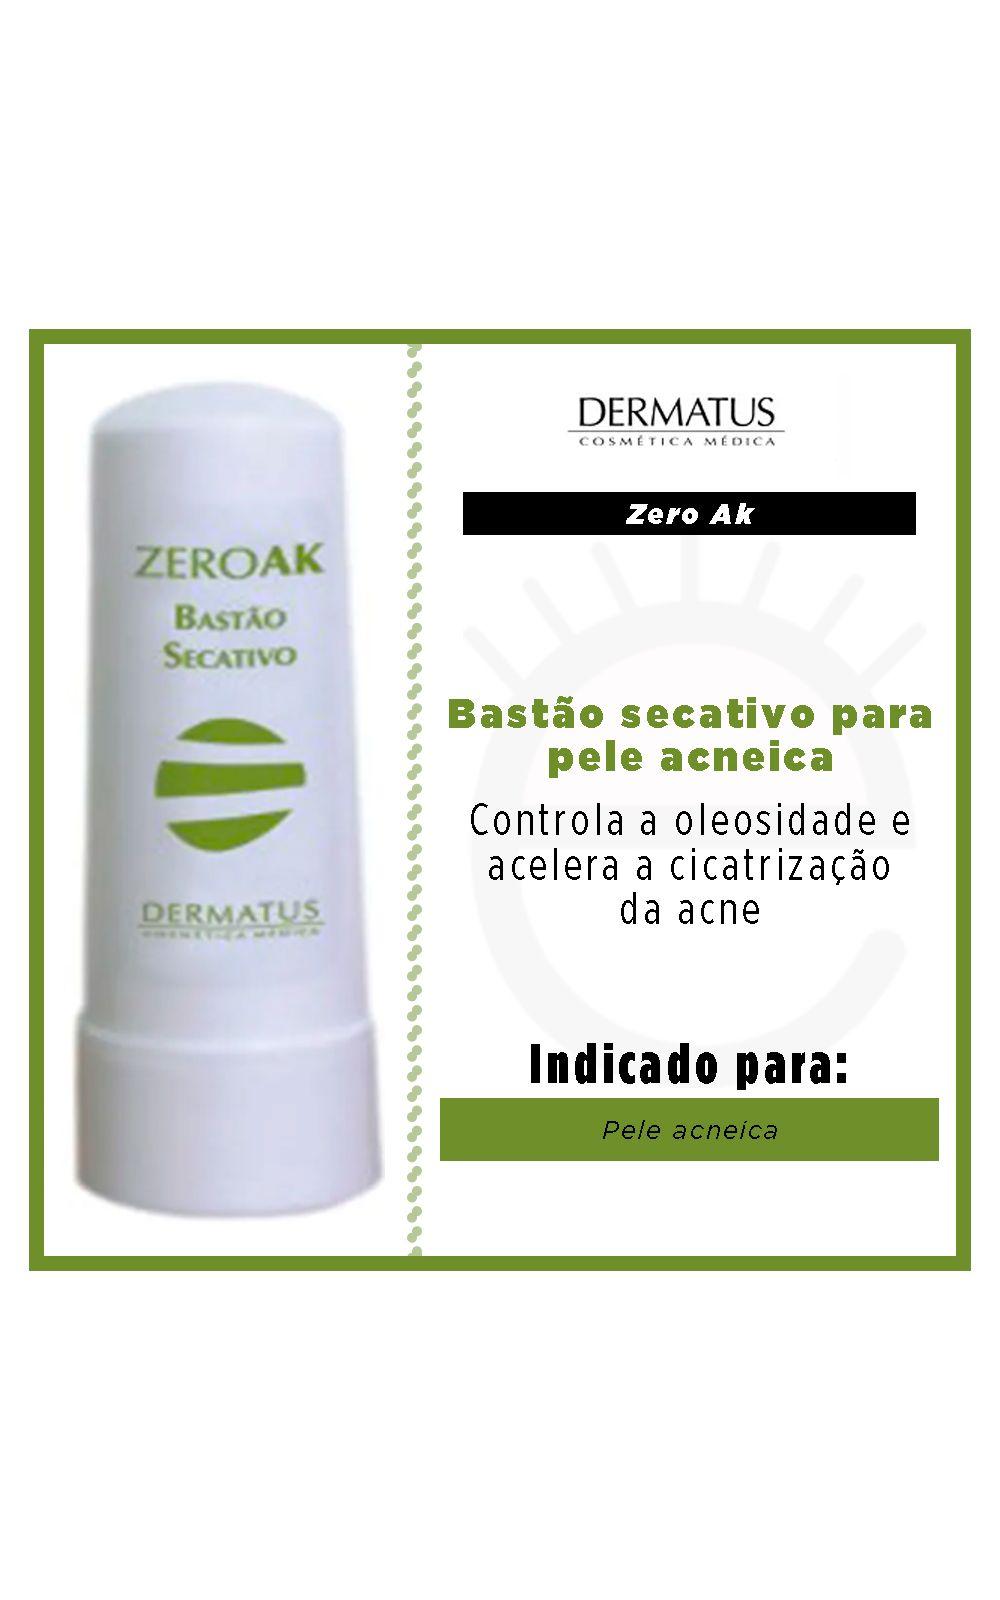 Foto 2 - Zero Ak Bastão Secativo Dermatus - Pele Acneica - 4g